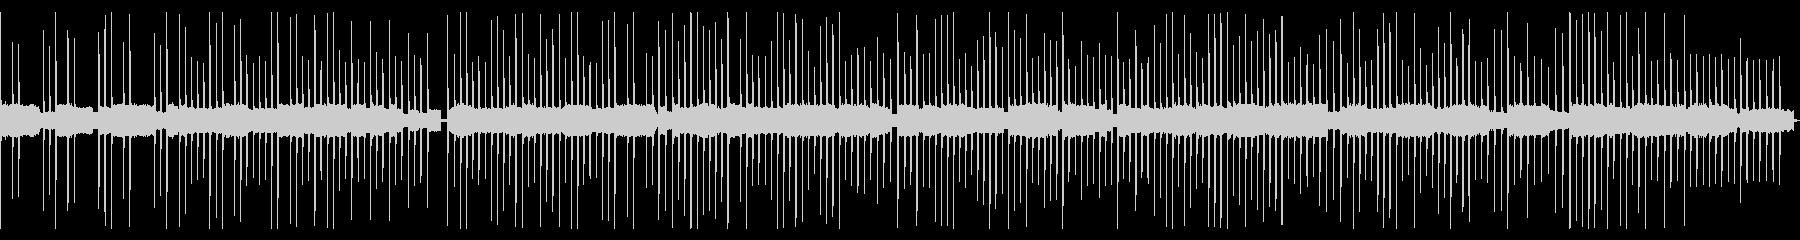 思い出のオルゴール〜優しいレトロ風の曲の未再生の波形